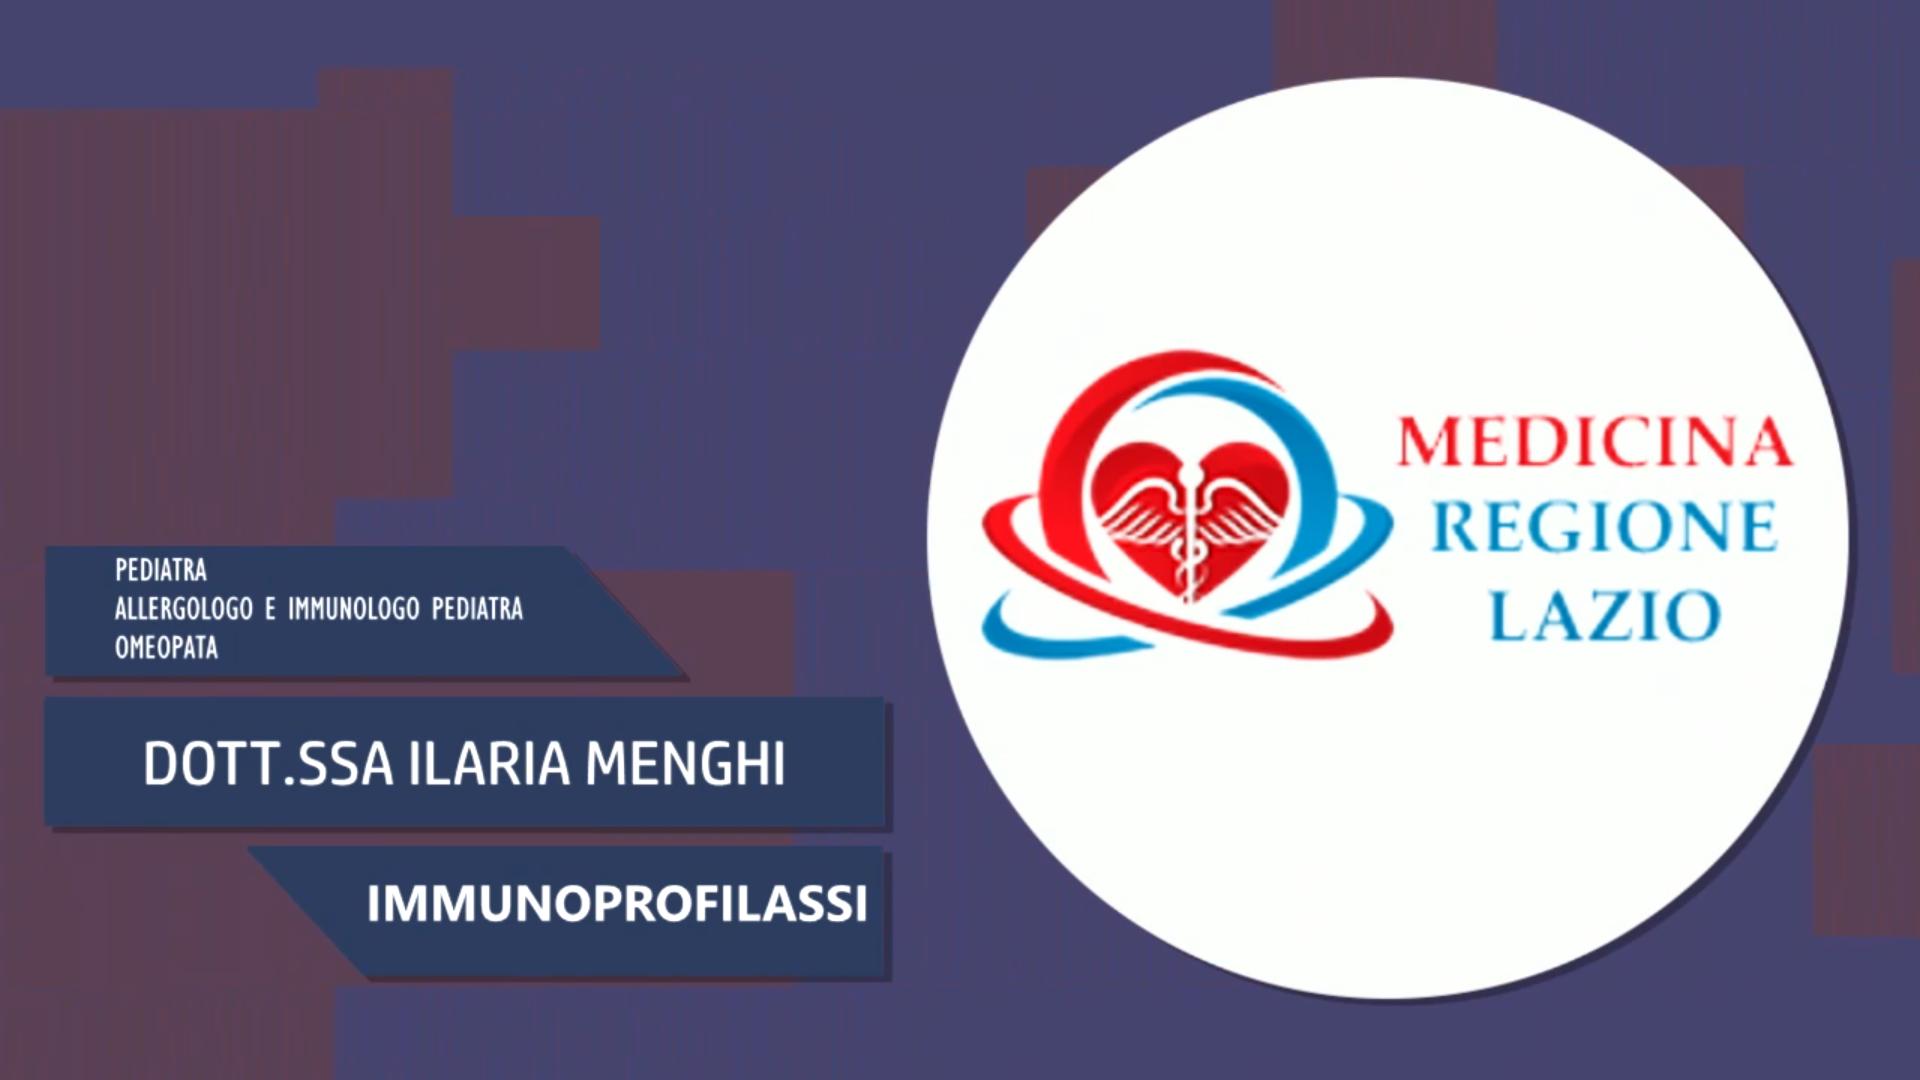 Intervista alla Dott.ssa Ilaria Menghi – Immunoprofilassi